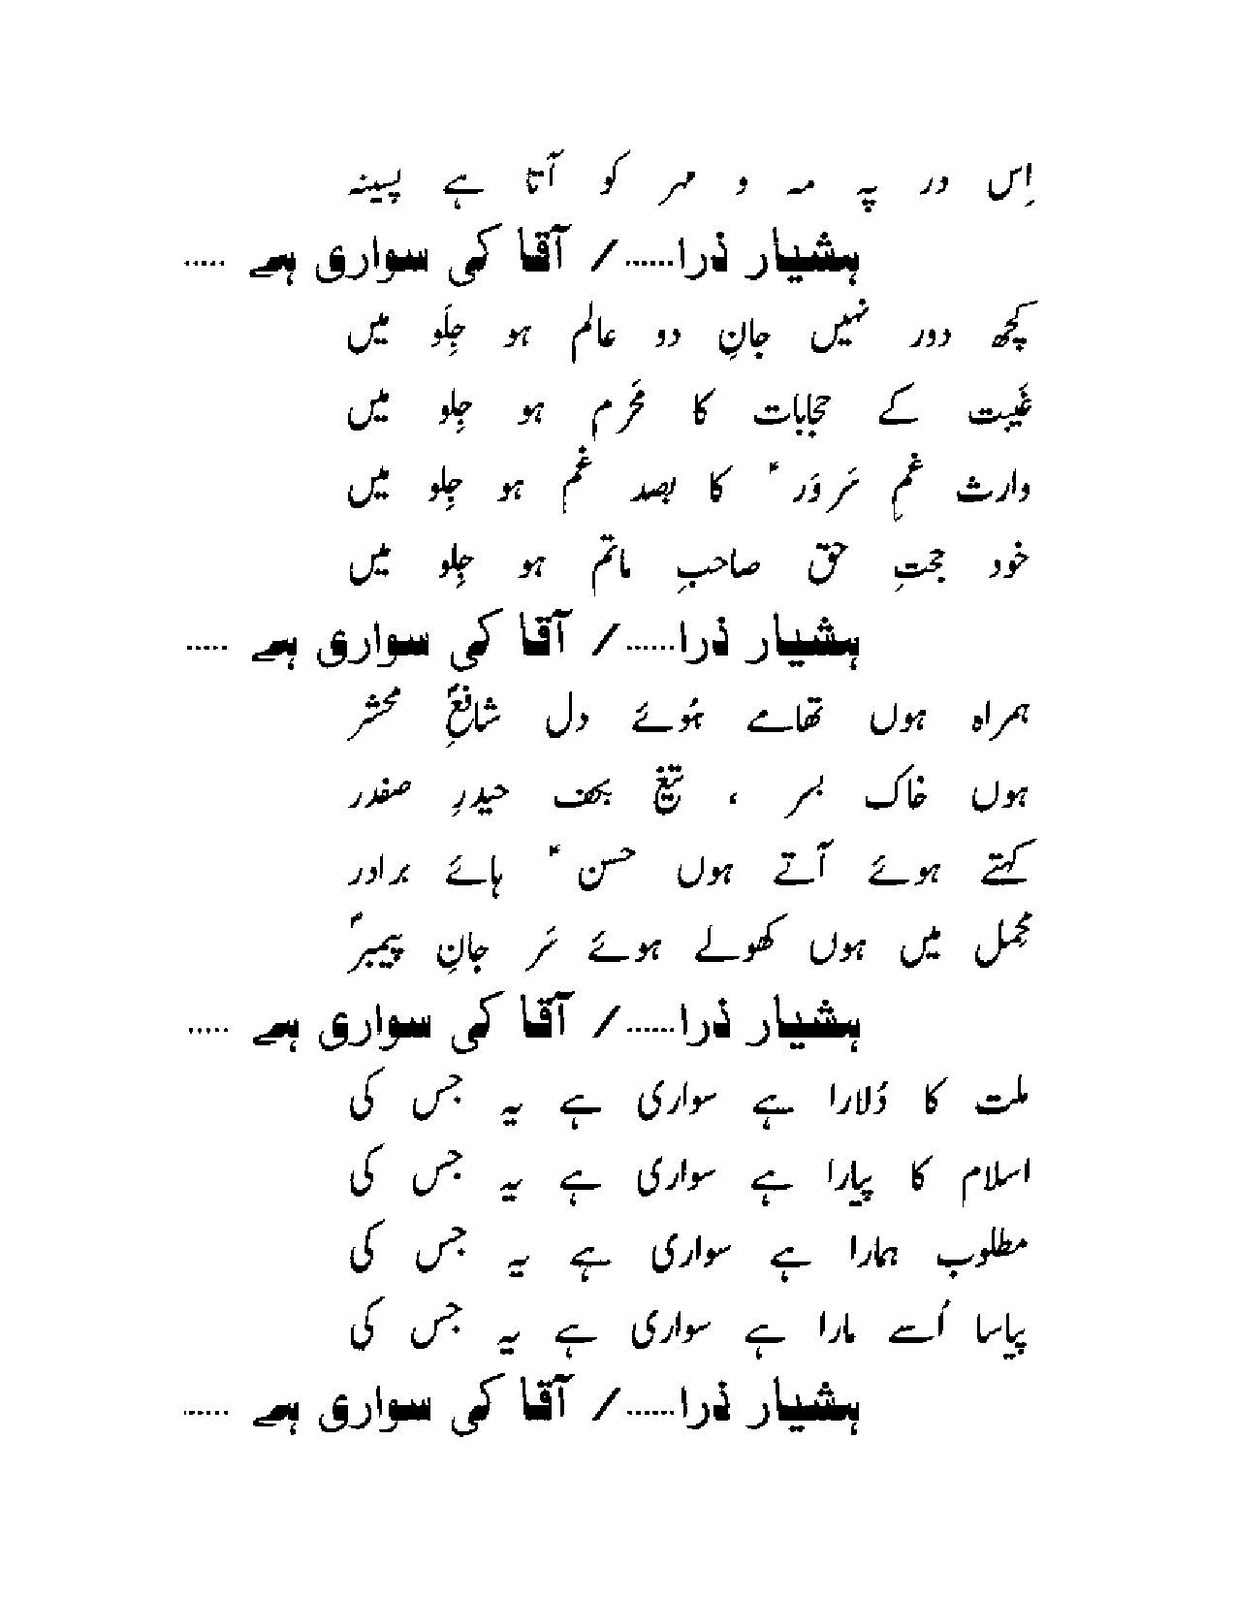 Soazkhwani - Vocal Fine-Art of Islam / Muslims ...